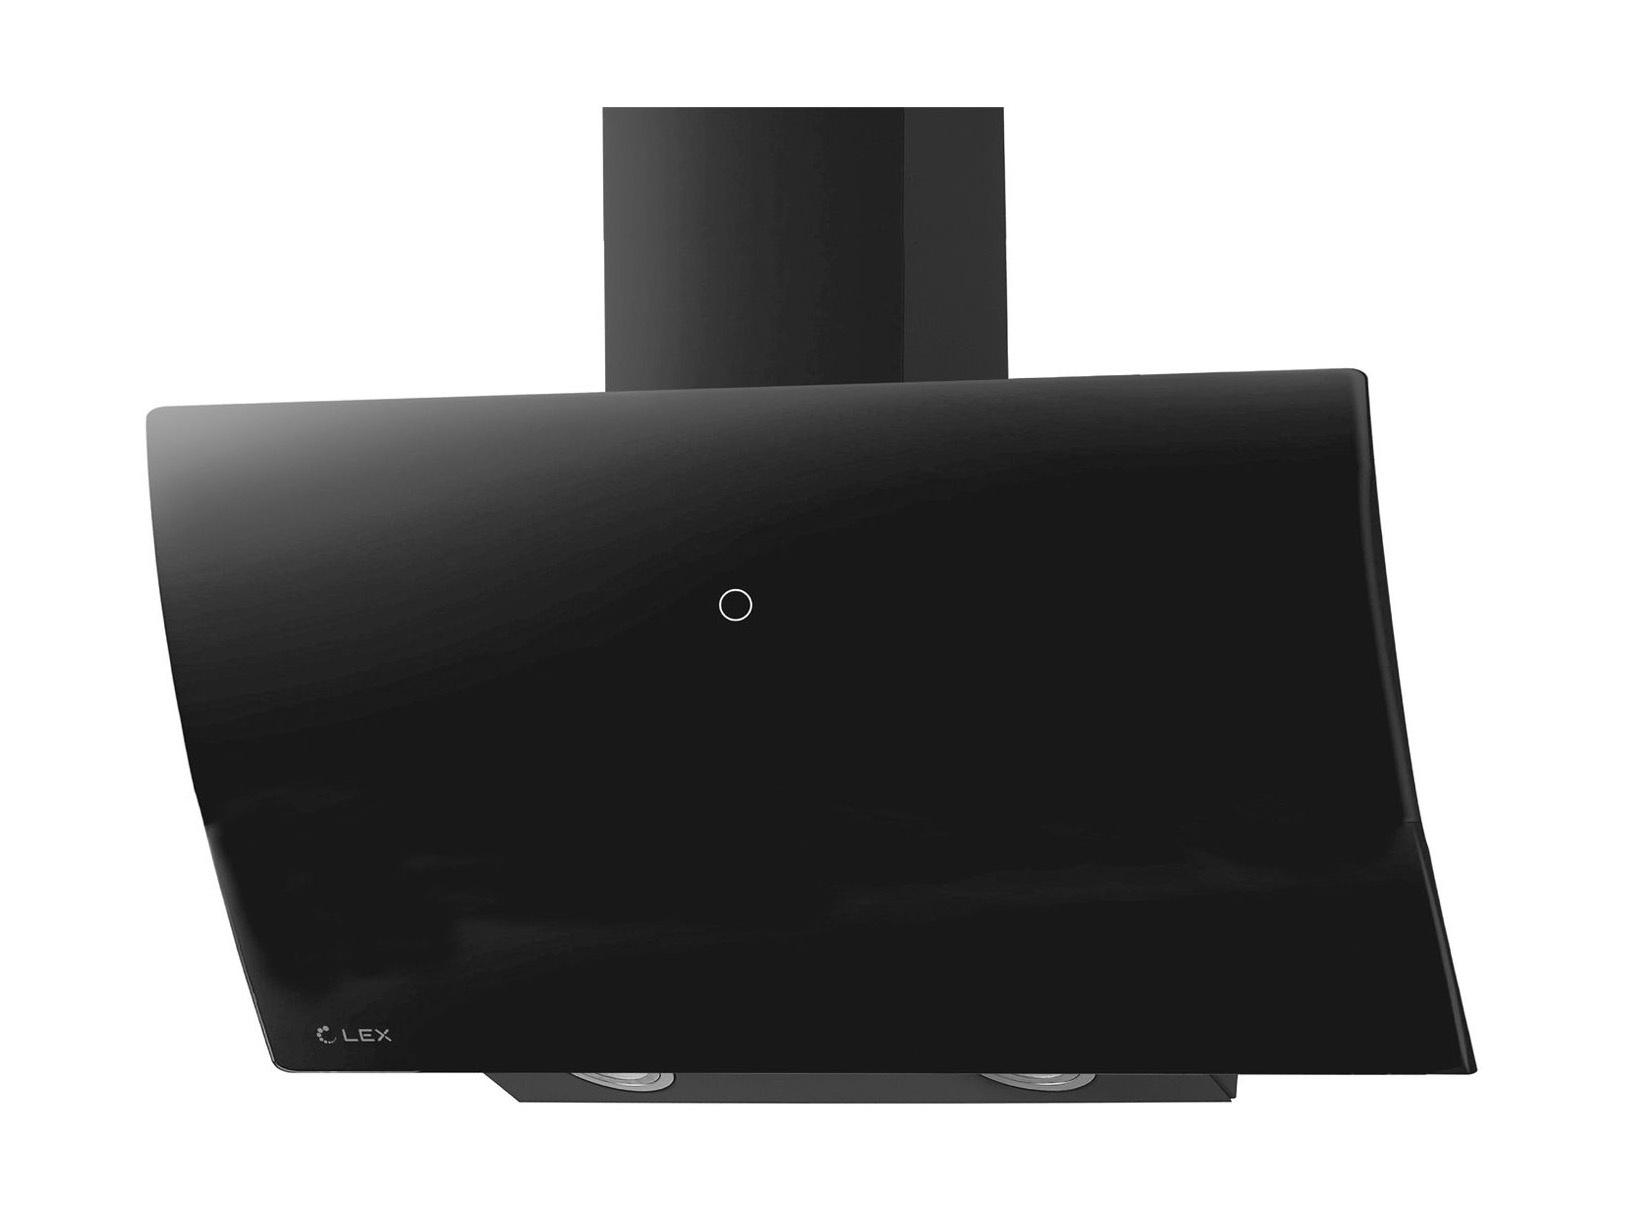 Вытяжка LEX Plaza GS 900 BL черный